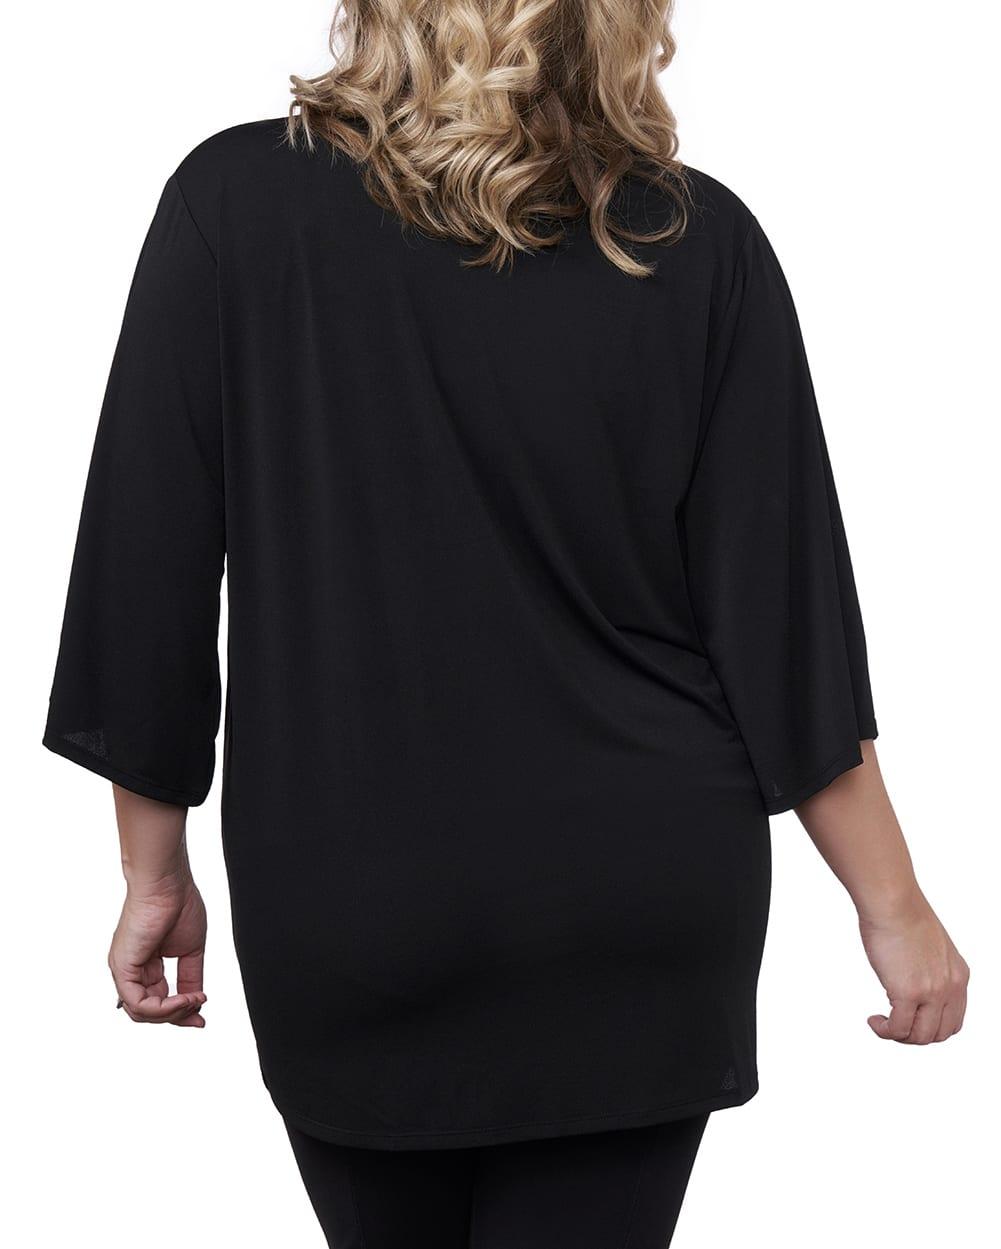 3/4 Sleeve Grommet Trimmed Cardigan - Plus - Black/Gold - Back